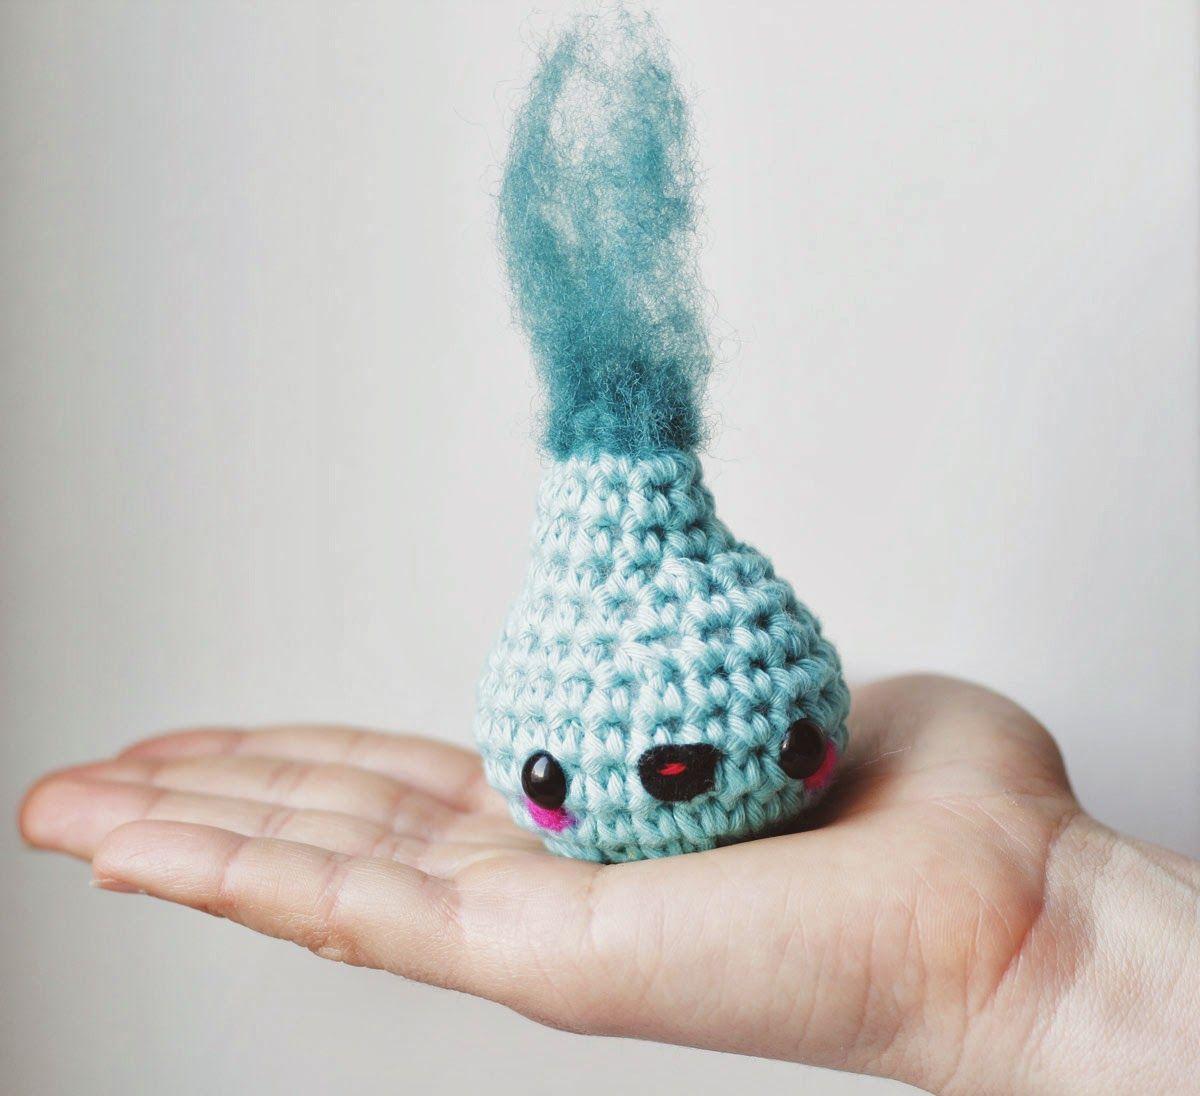 Free amigurumi water drop pattern   Pinterest   Ganchillo crochet y ...